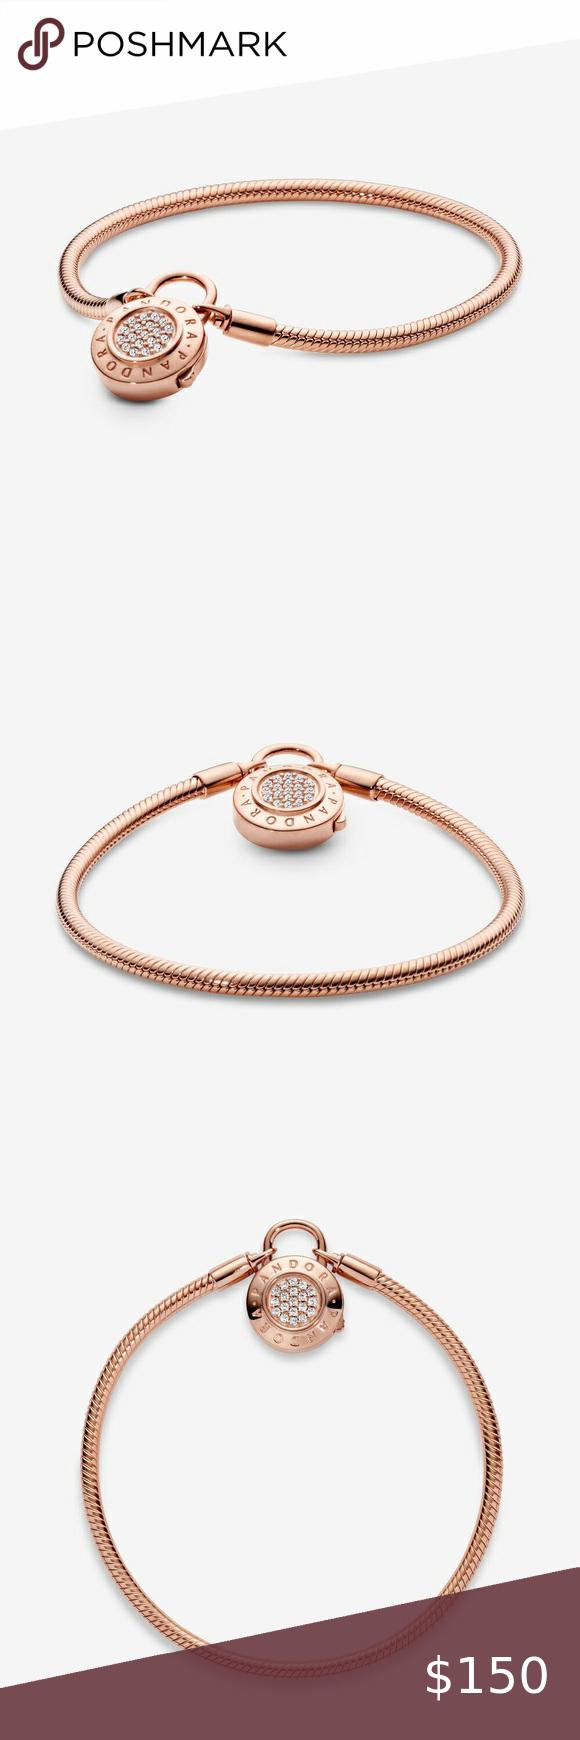 Pandora Pavé Padlock Clasp Snake Chain Bracelet | Pandora jewelry ...